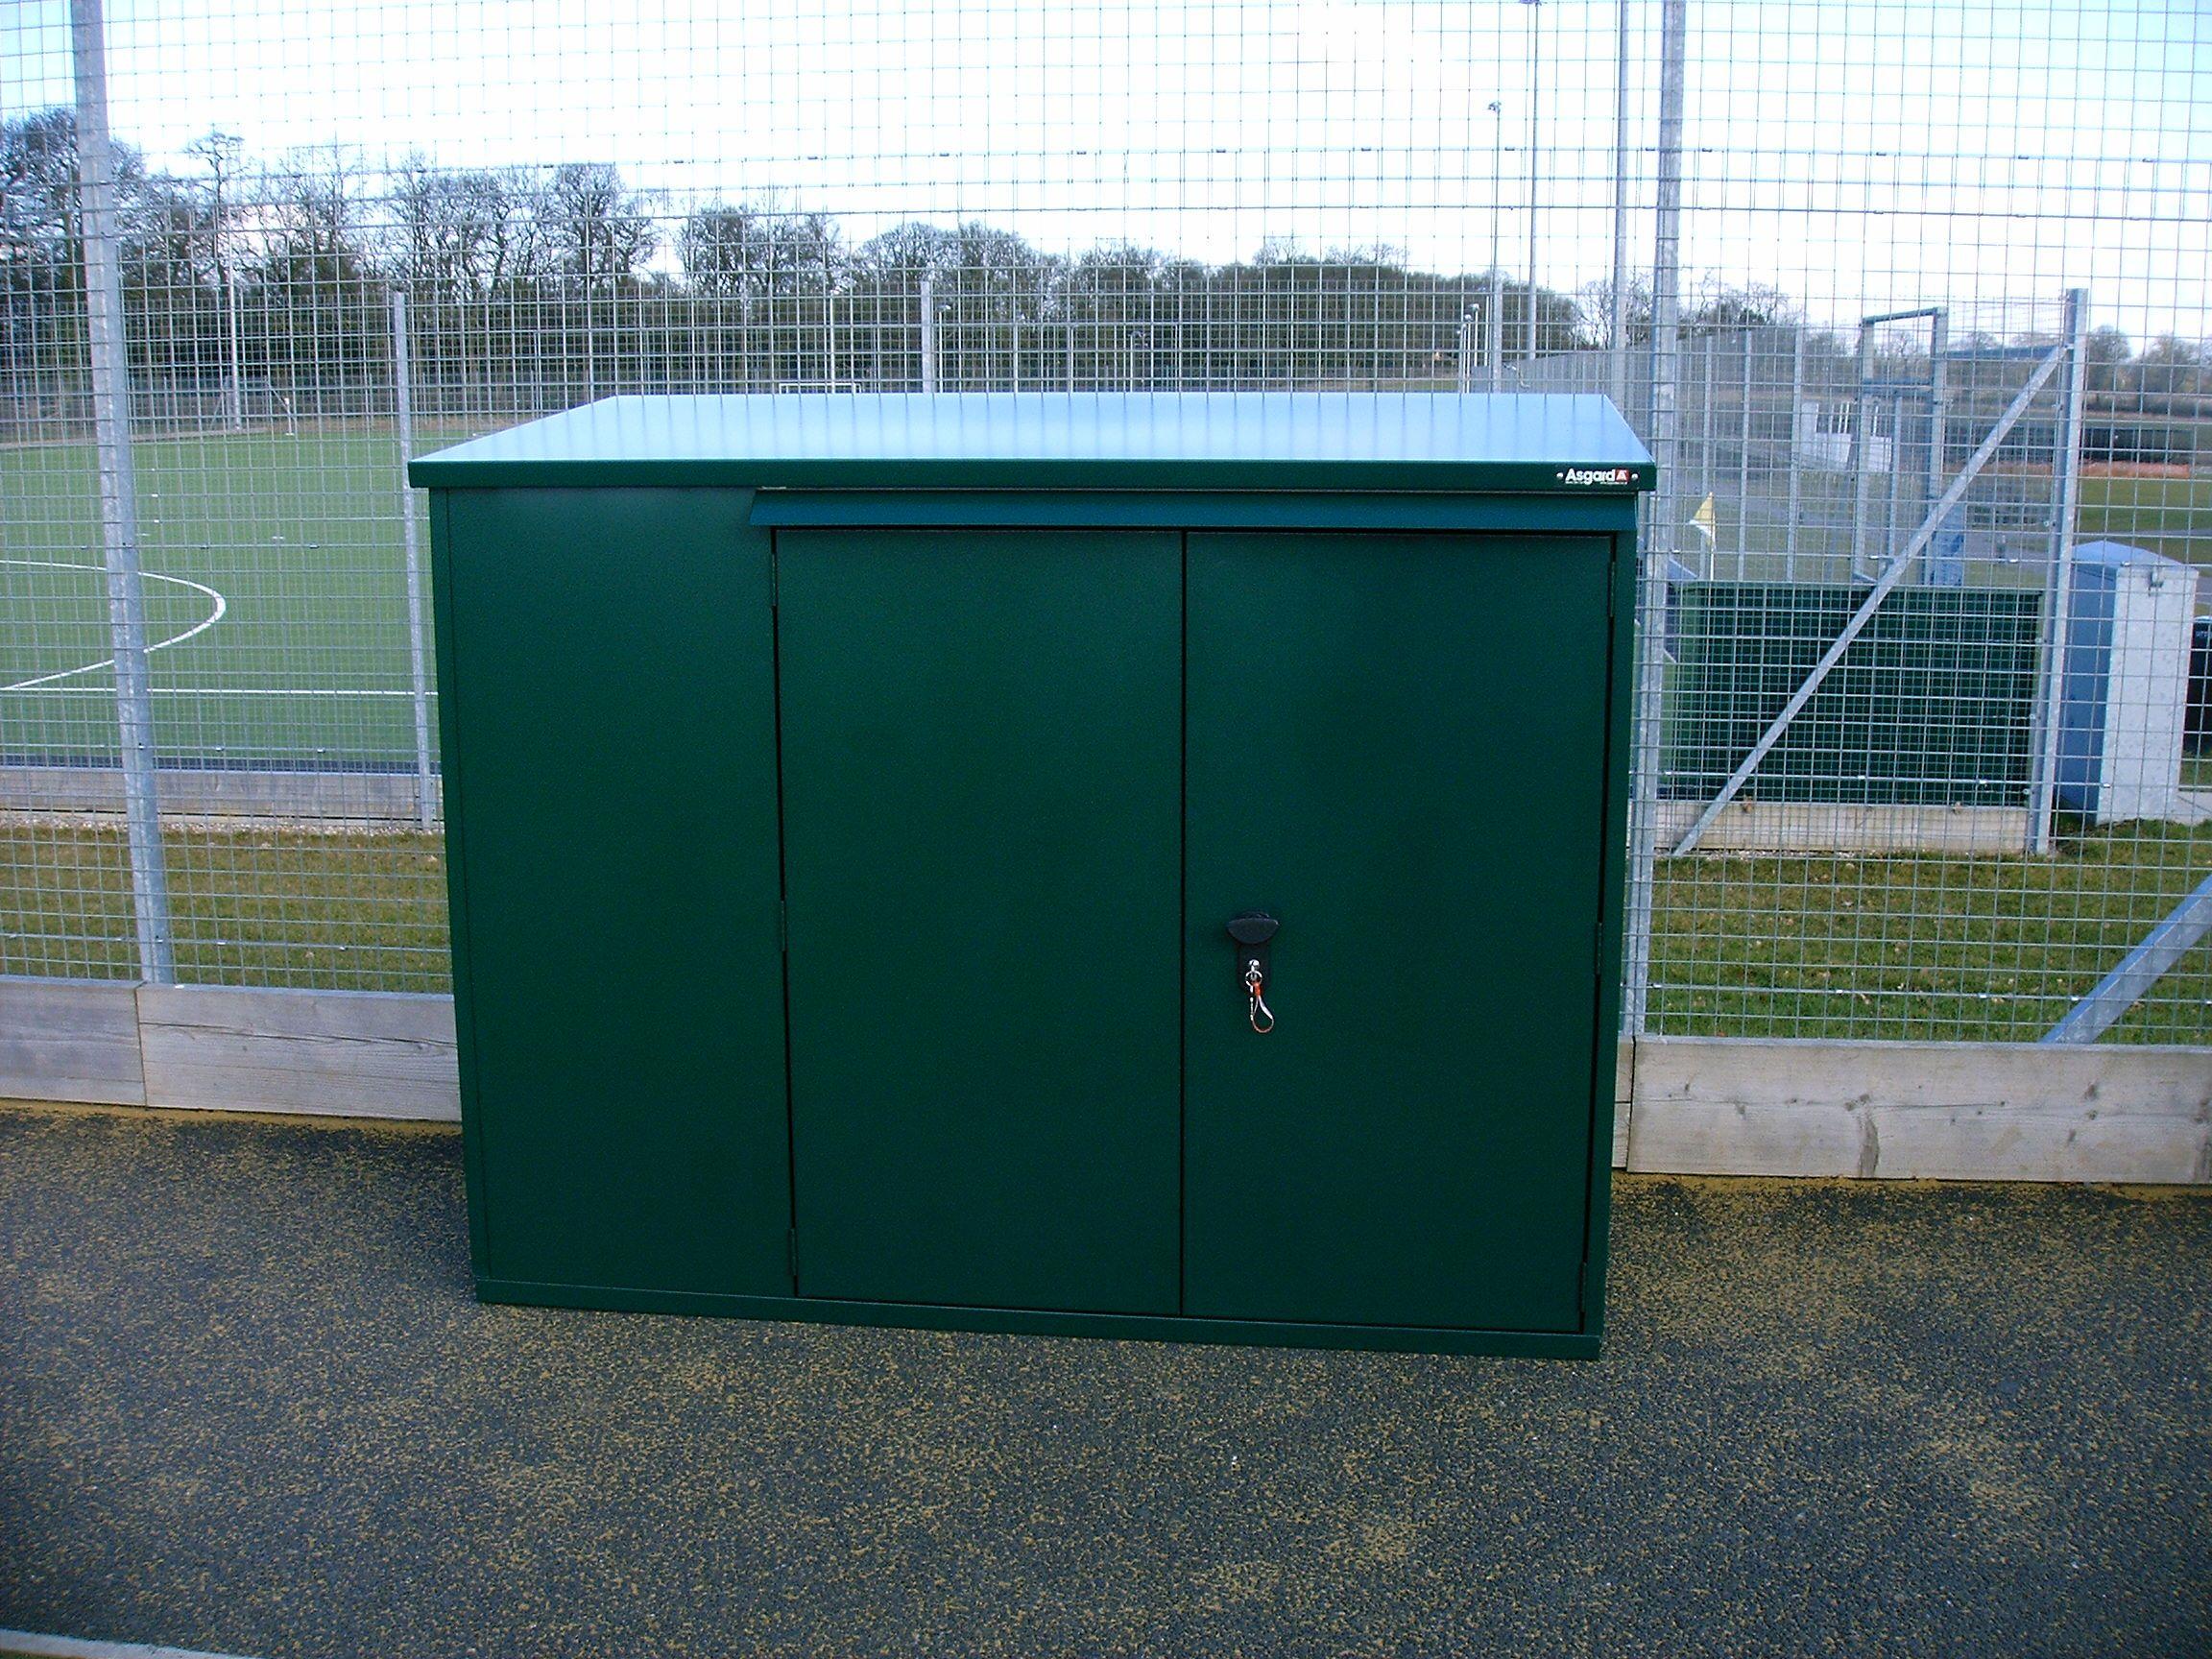 Bike Storage X 3 Police Approved Bike Storage Sports Equipment Storage Equipment Storage